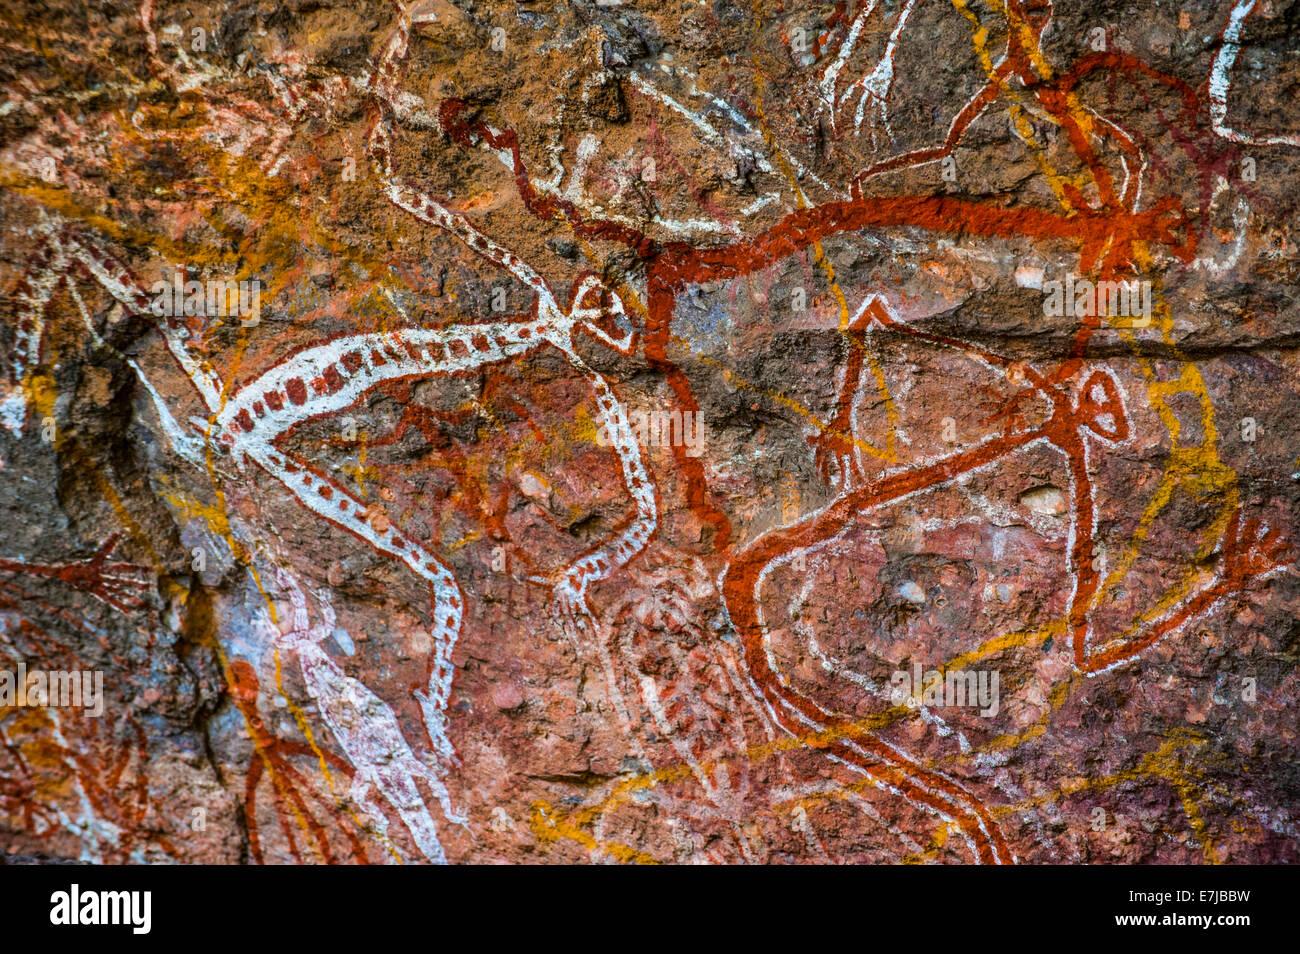 Presto la pittura murale, il Parco Nazionale Kakadu, Territorio del Nord, l'Australia Foto Stock